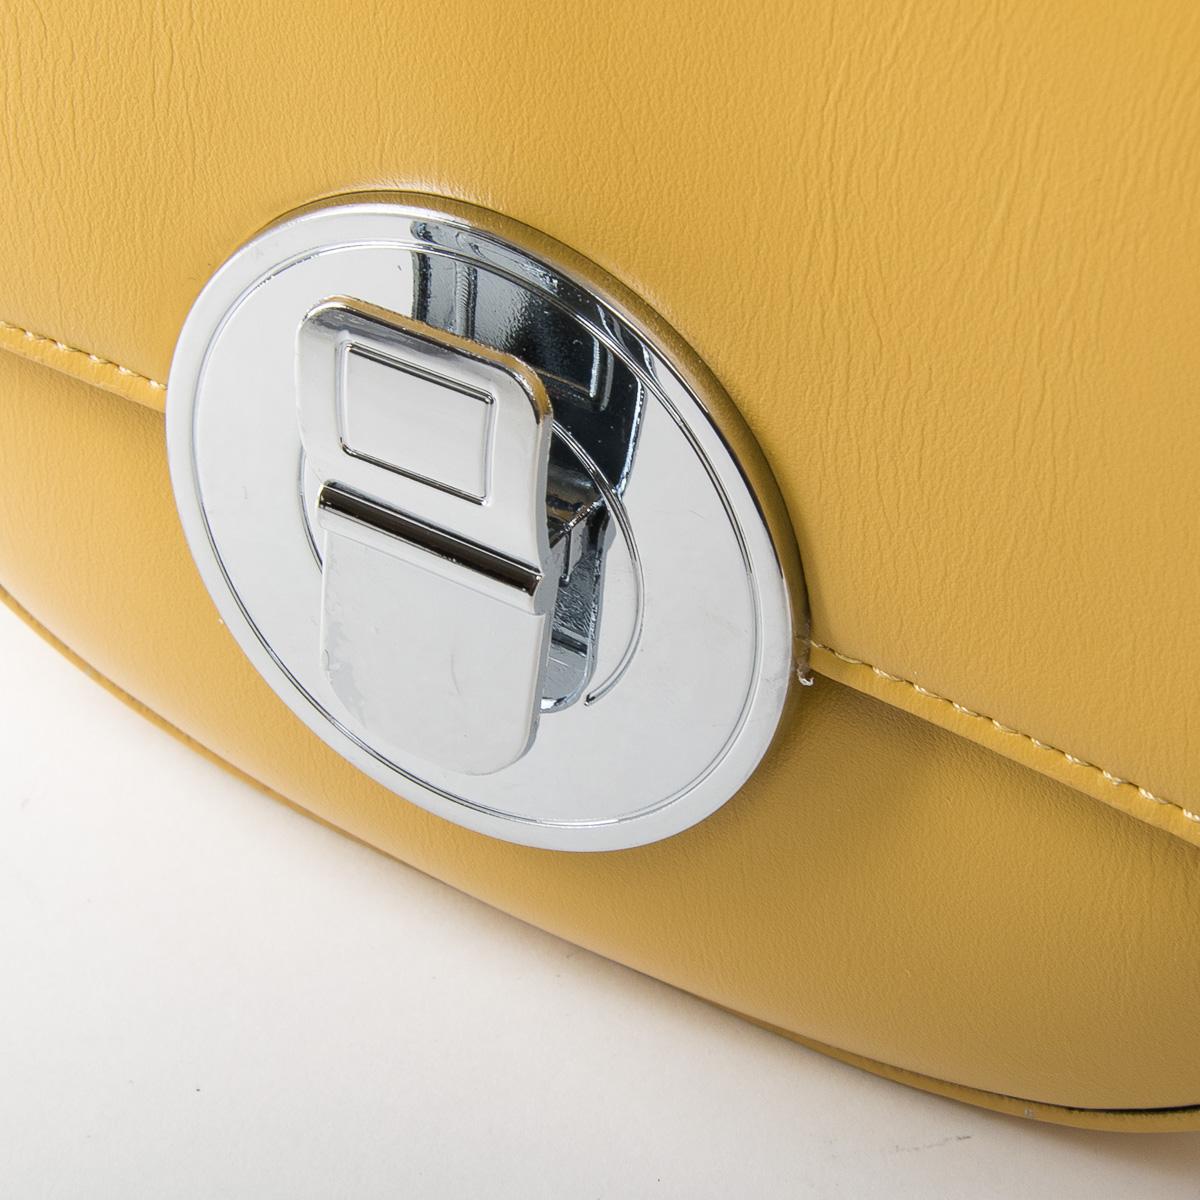 Сумка Женская Классическая иск-кожа FASHION 01-01 F3150 yellow - фото 3